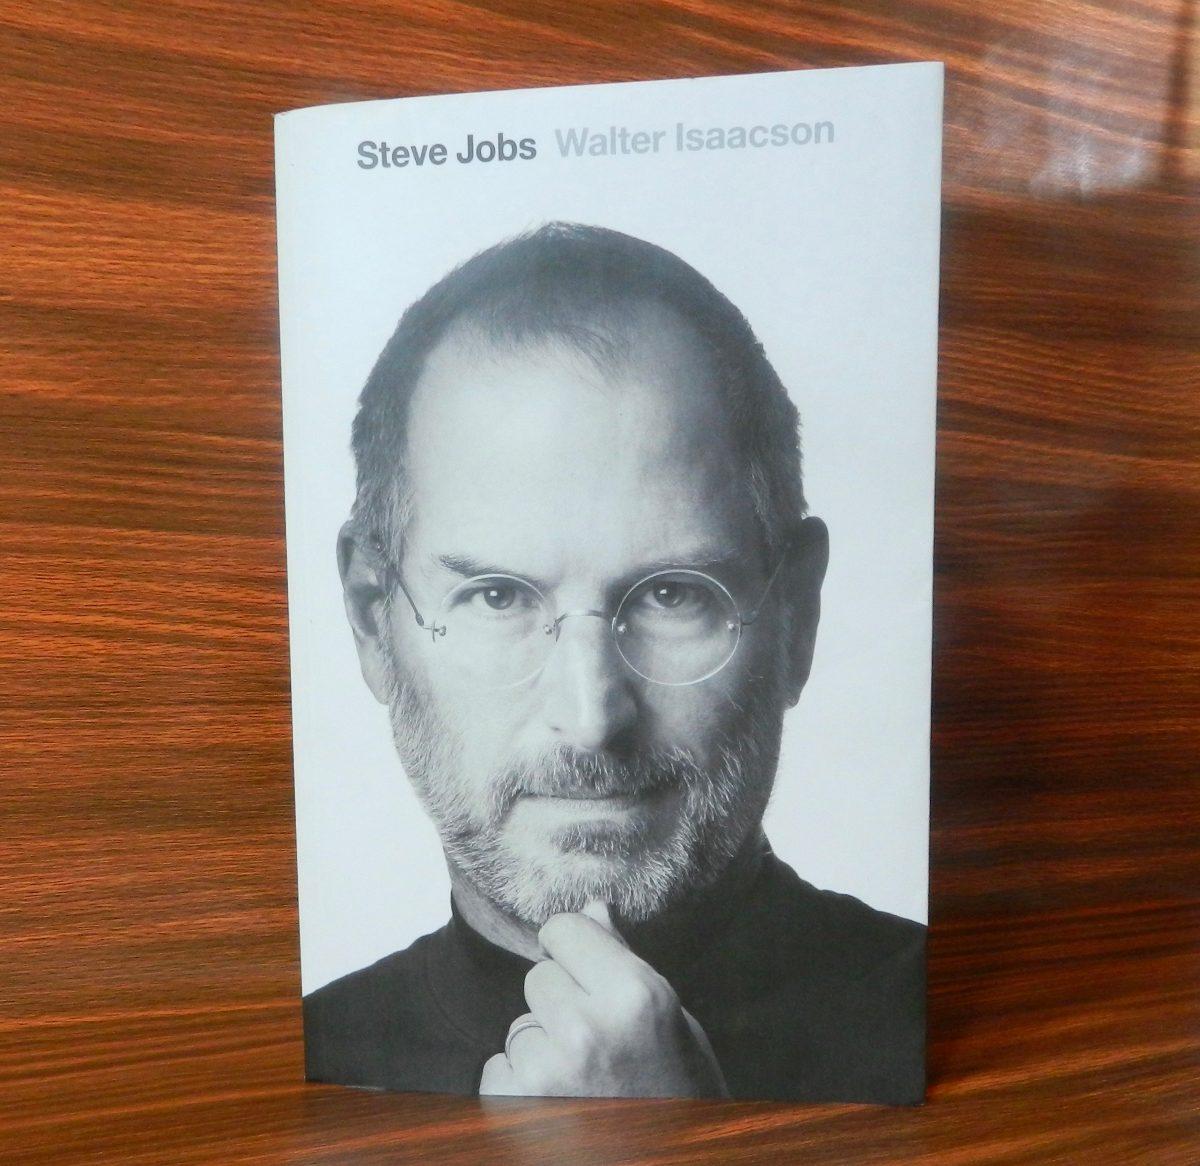 dd65f5fe284 Steve Jobs Biografia Por Walter Isaacson - $ 370.00 en Mercado Libre